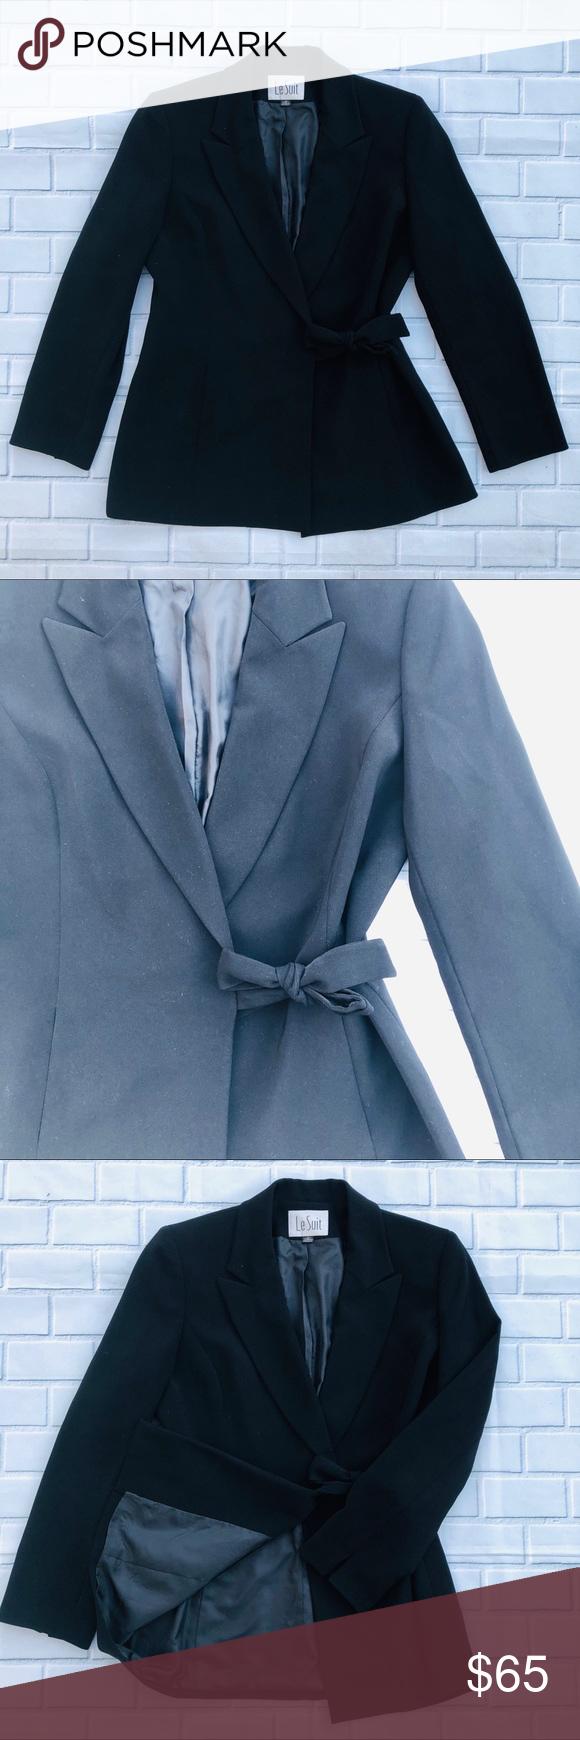 Le Suit Blazer Dress Jacket Size 8 Black Polyester In 2021 Black Dress Jacket Jacket Dress Dressy Jackets [ 1740 x 580 Pixel ]